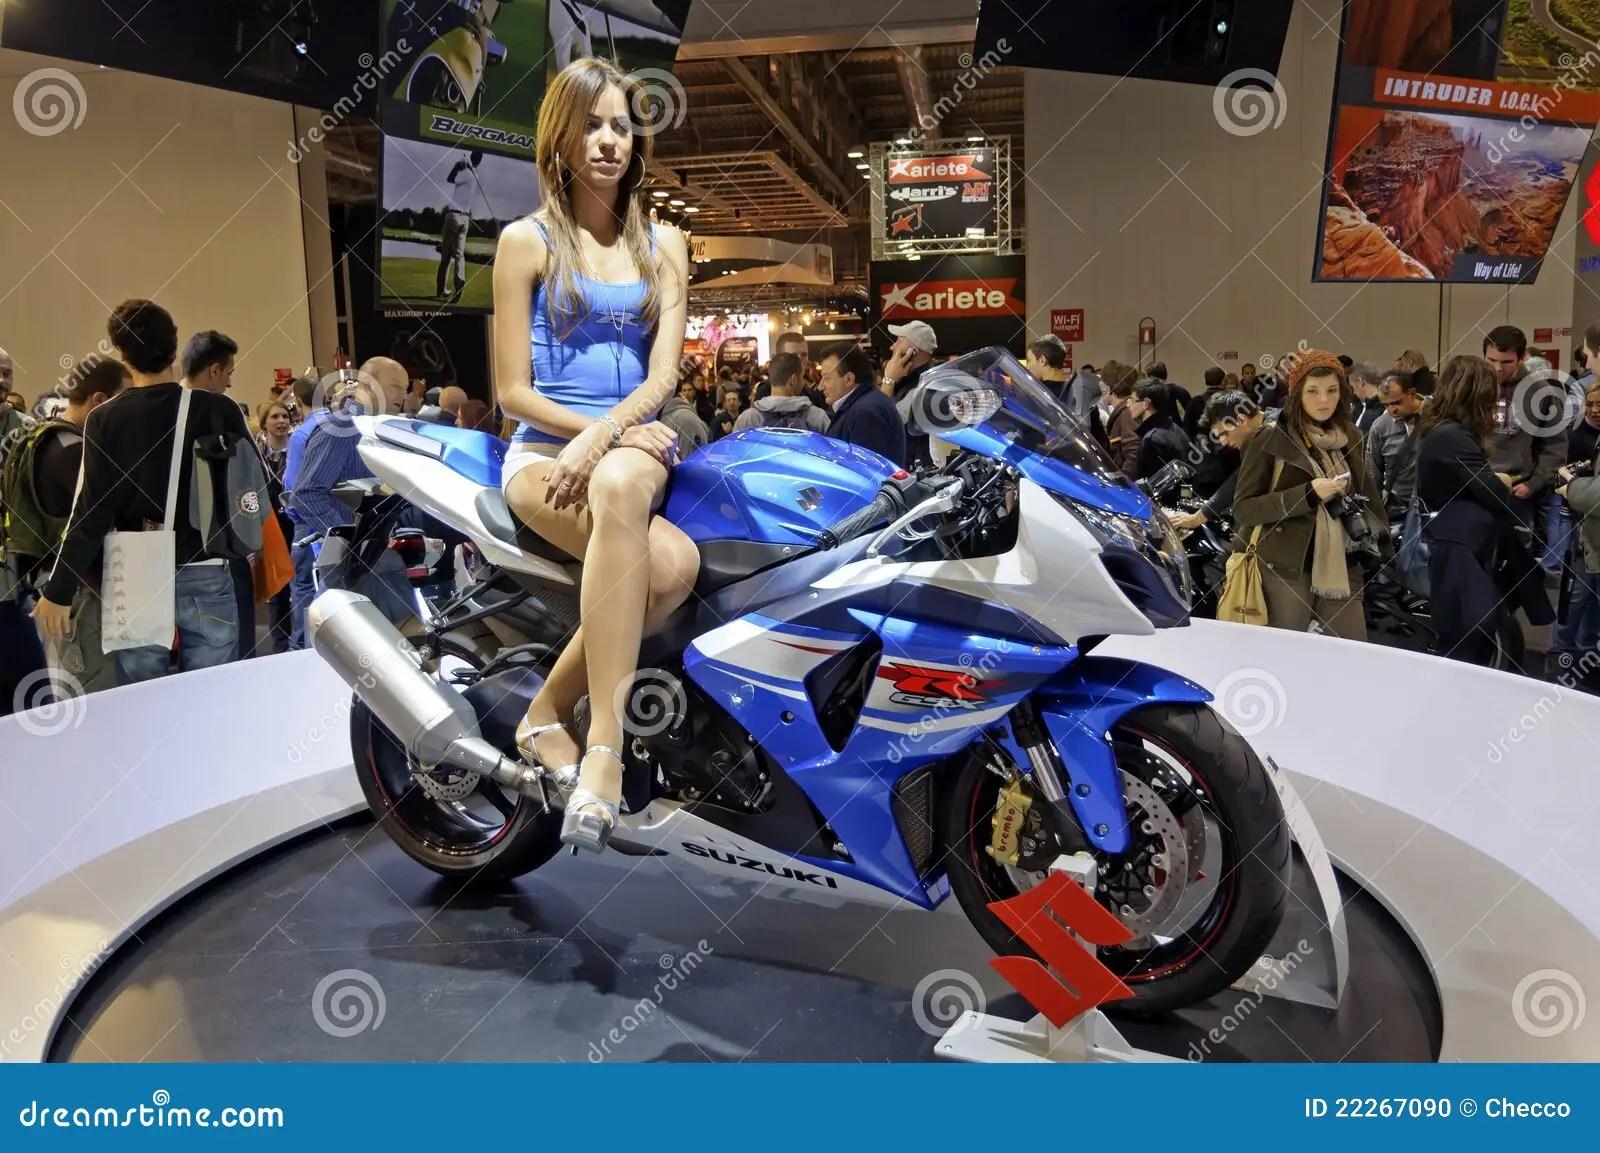 Max Power Cars Wallpaper Suzuki Gsx R 1000 In Eicma 2011 Editorial Image Image